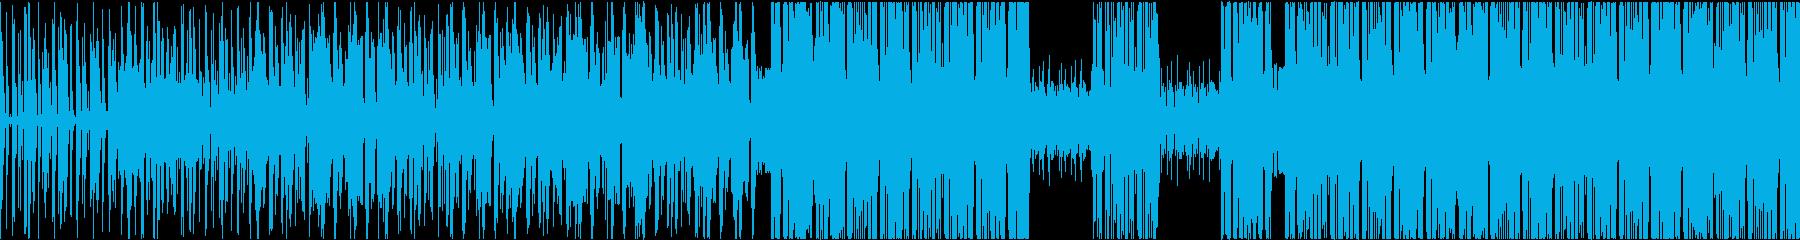 インパクト大のブレイクビーツの再生済みの波形